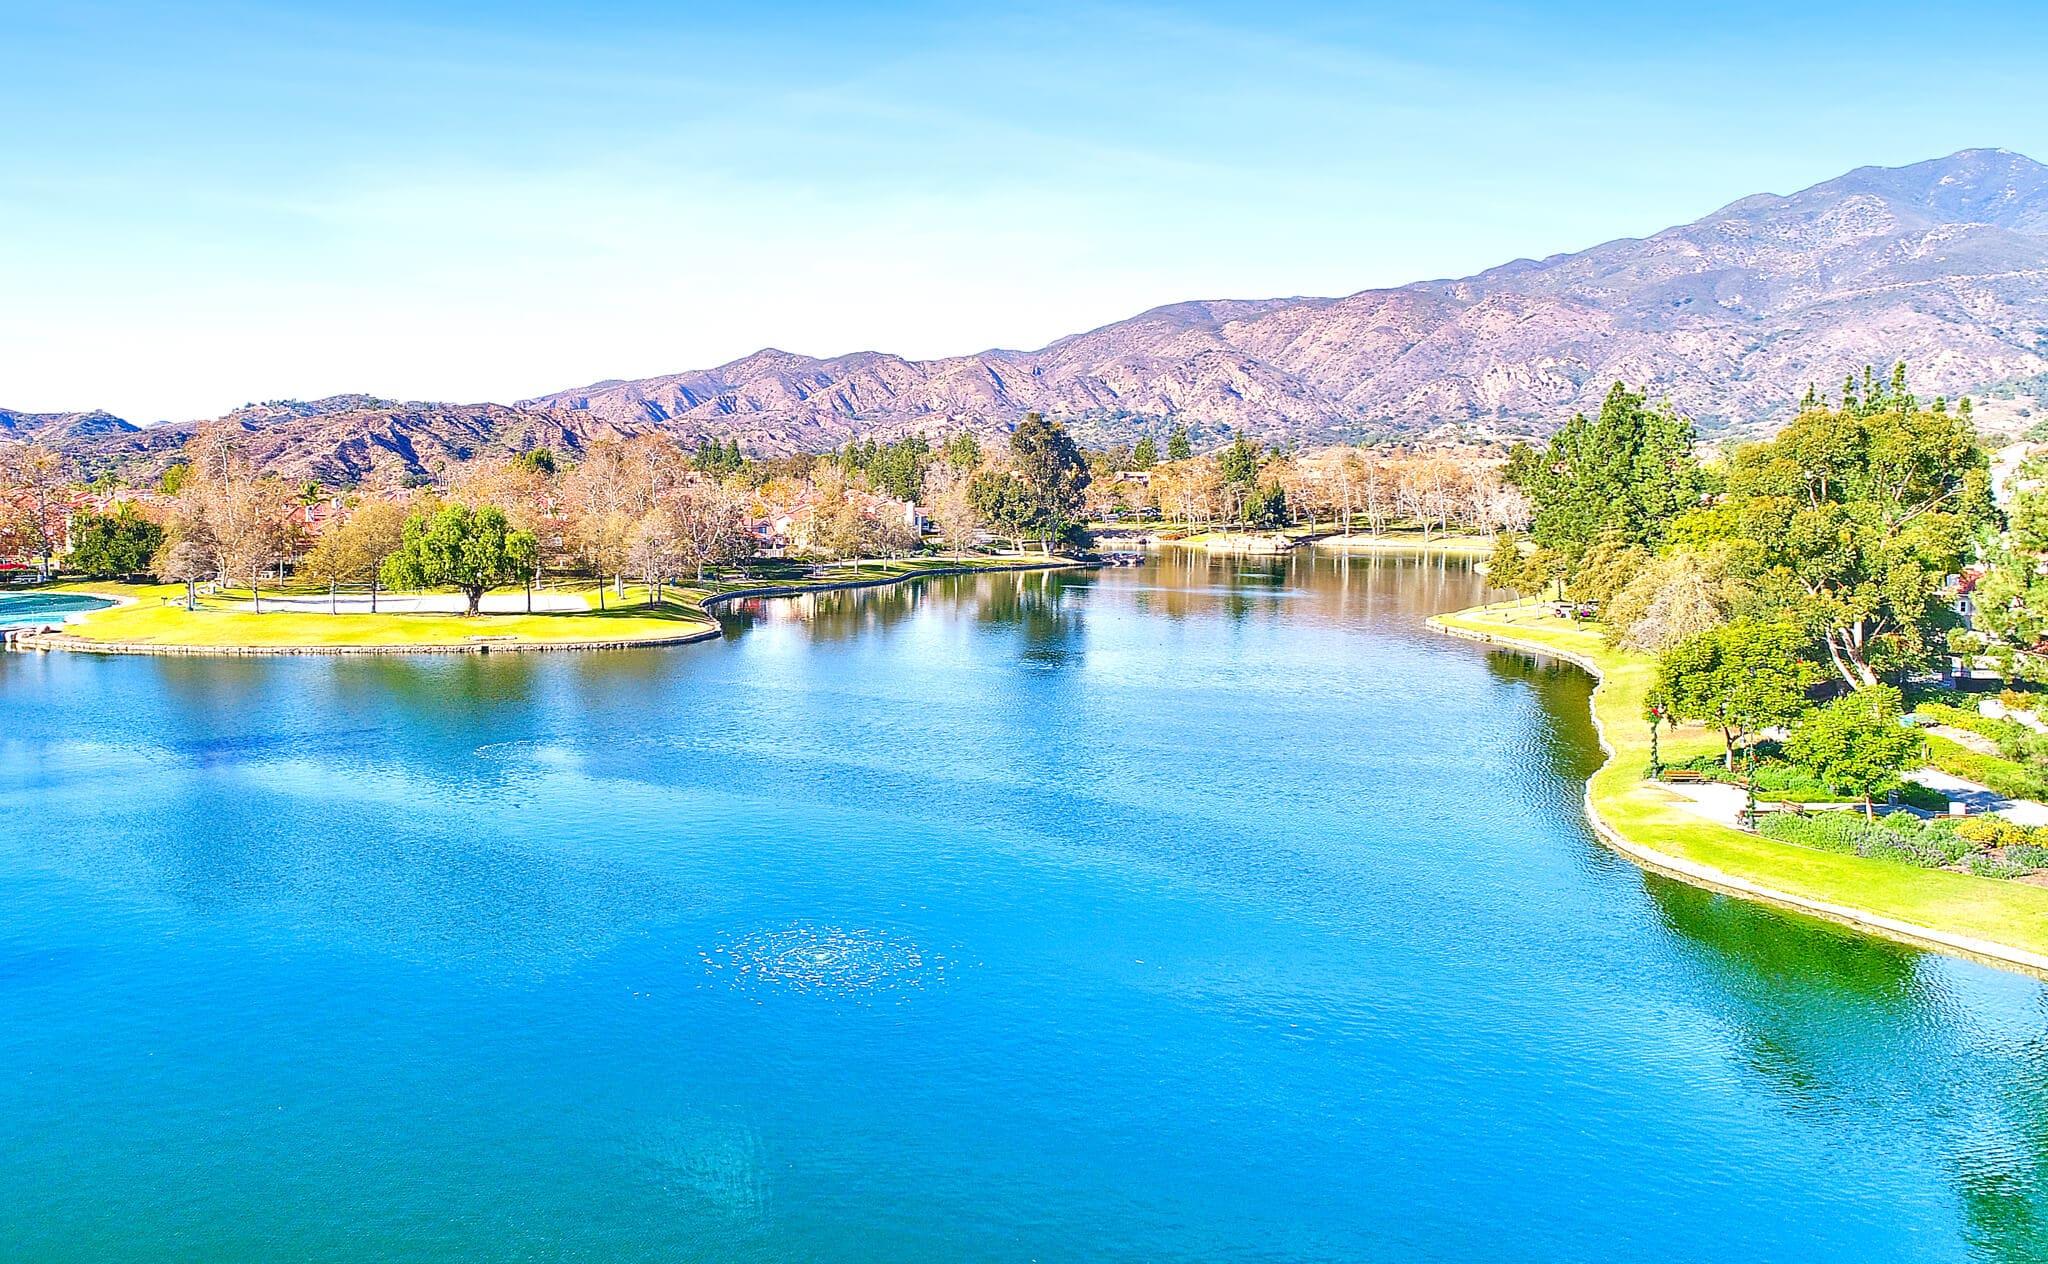 RSM-Rancho-Santa-Margarita-Lake-03